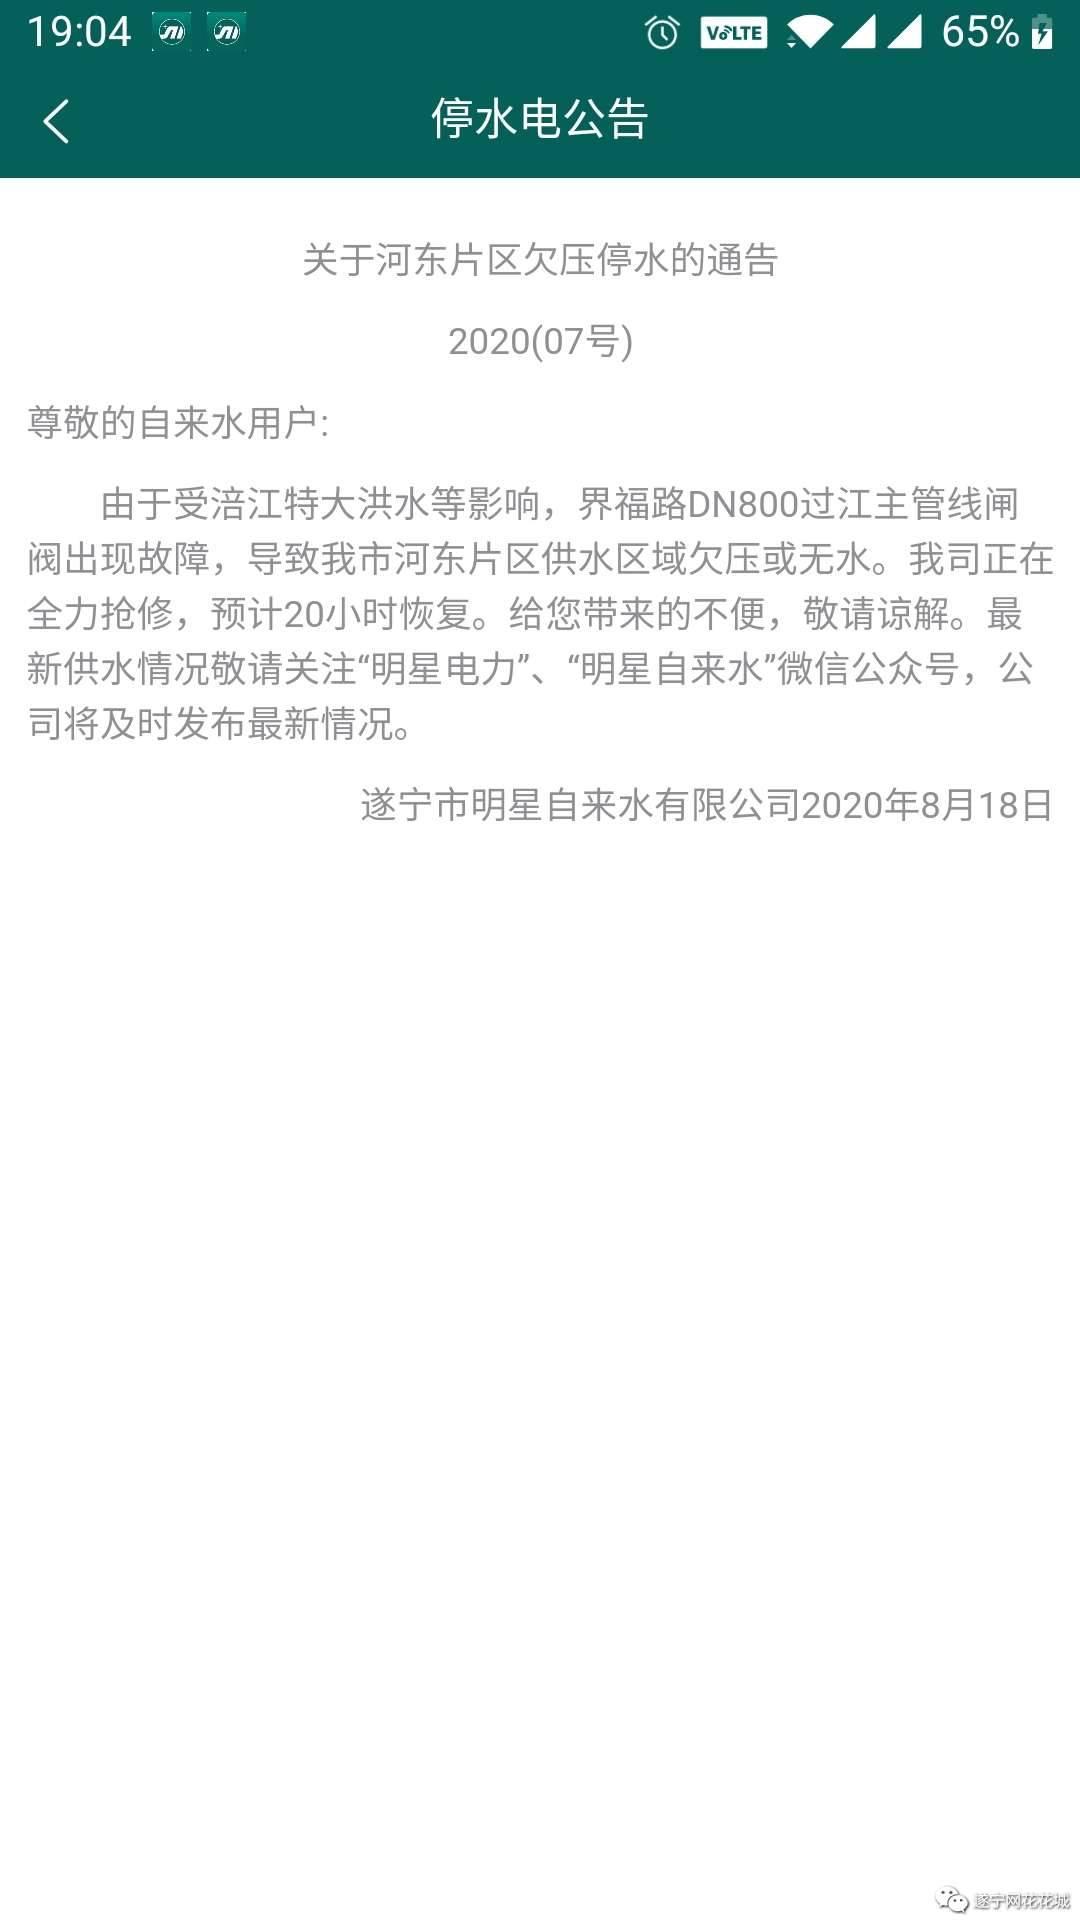 微信图片_20200818190435.jpg